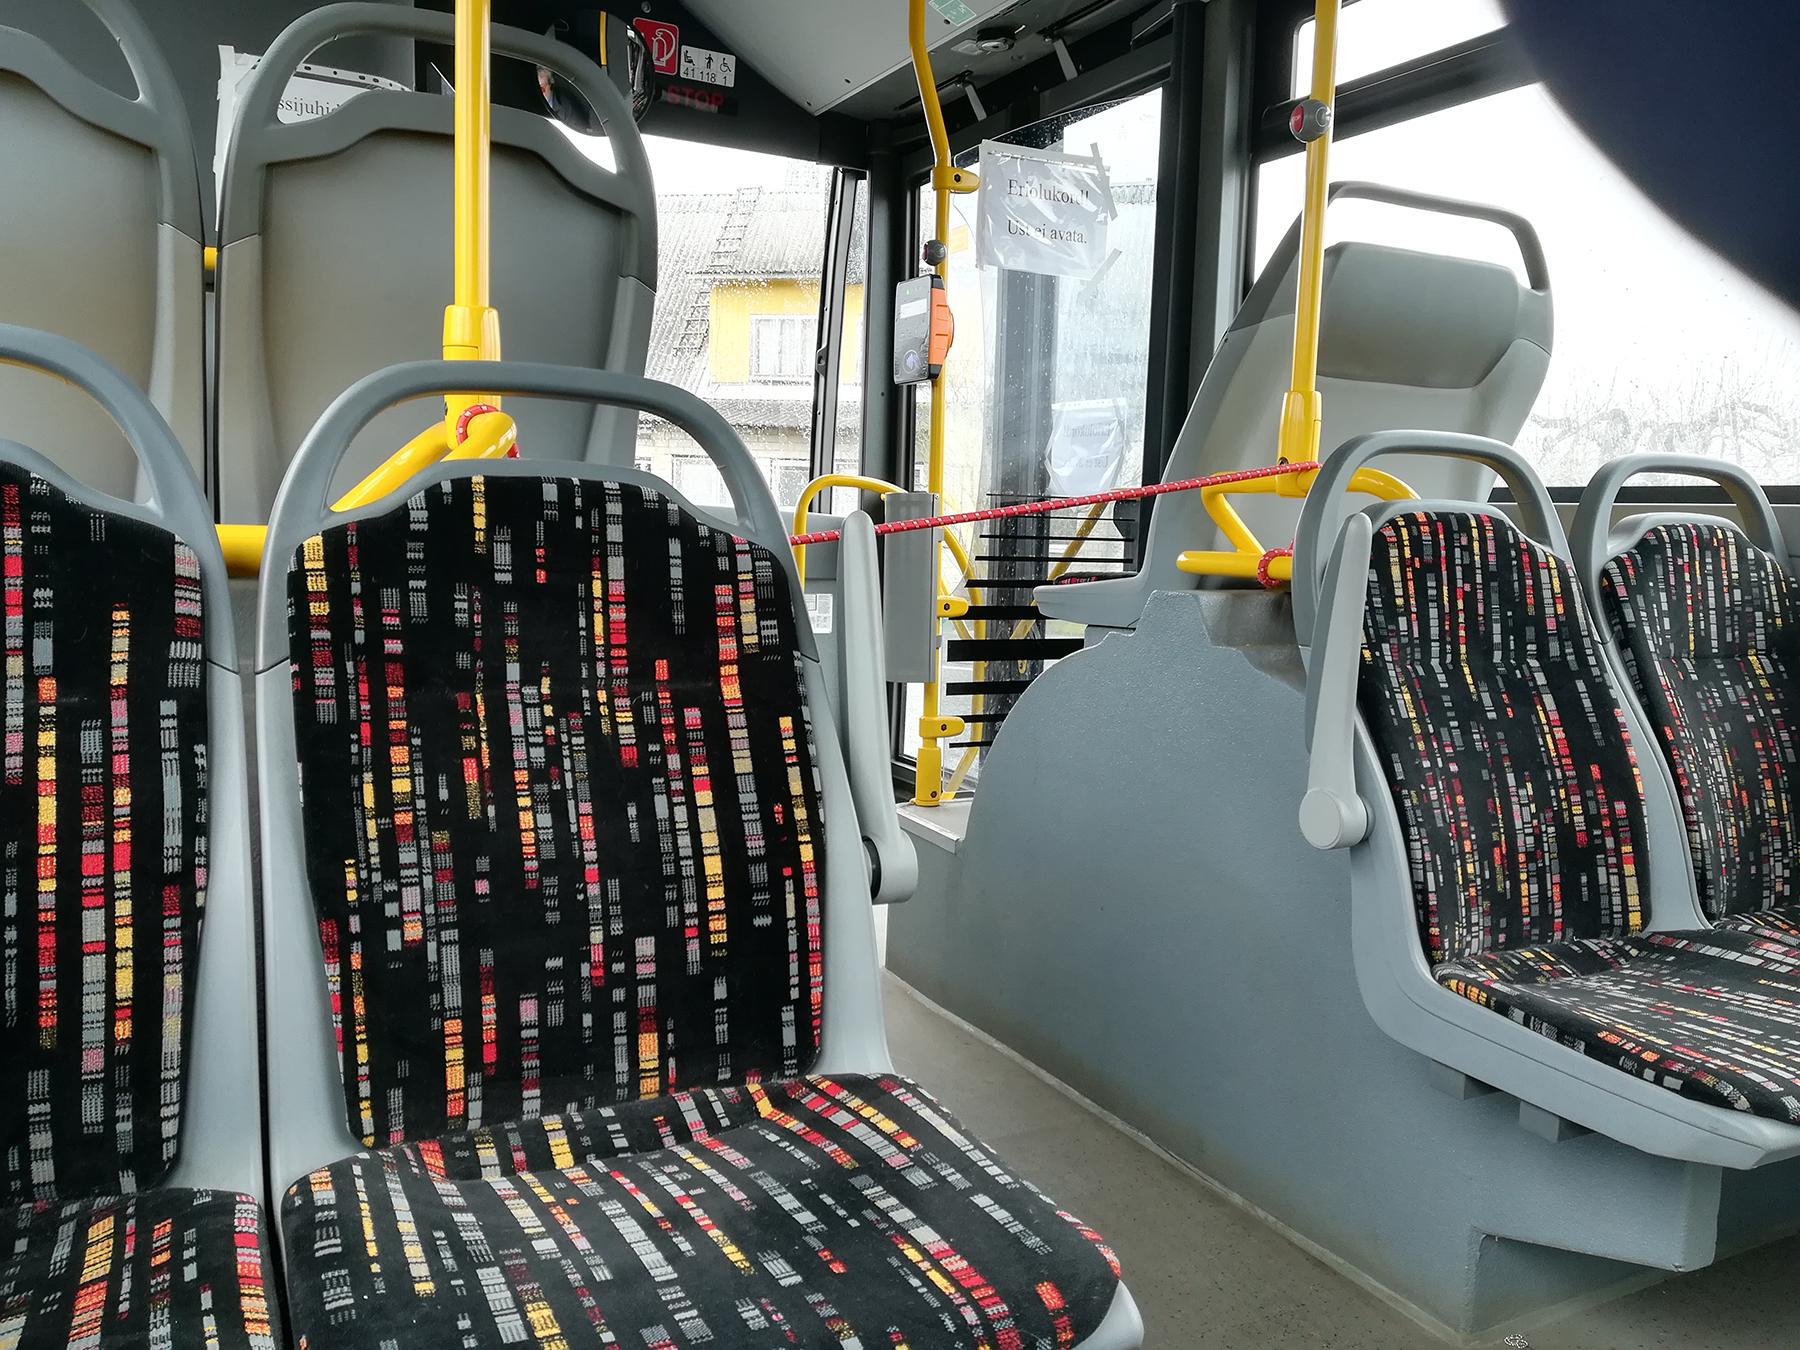 Linna ühistranspordi kasutamine tuletab pidevalt meelde ettevaatusabinõudega arvestamise vajalikkust. Foto: Urmas Saard